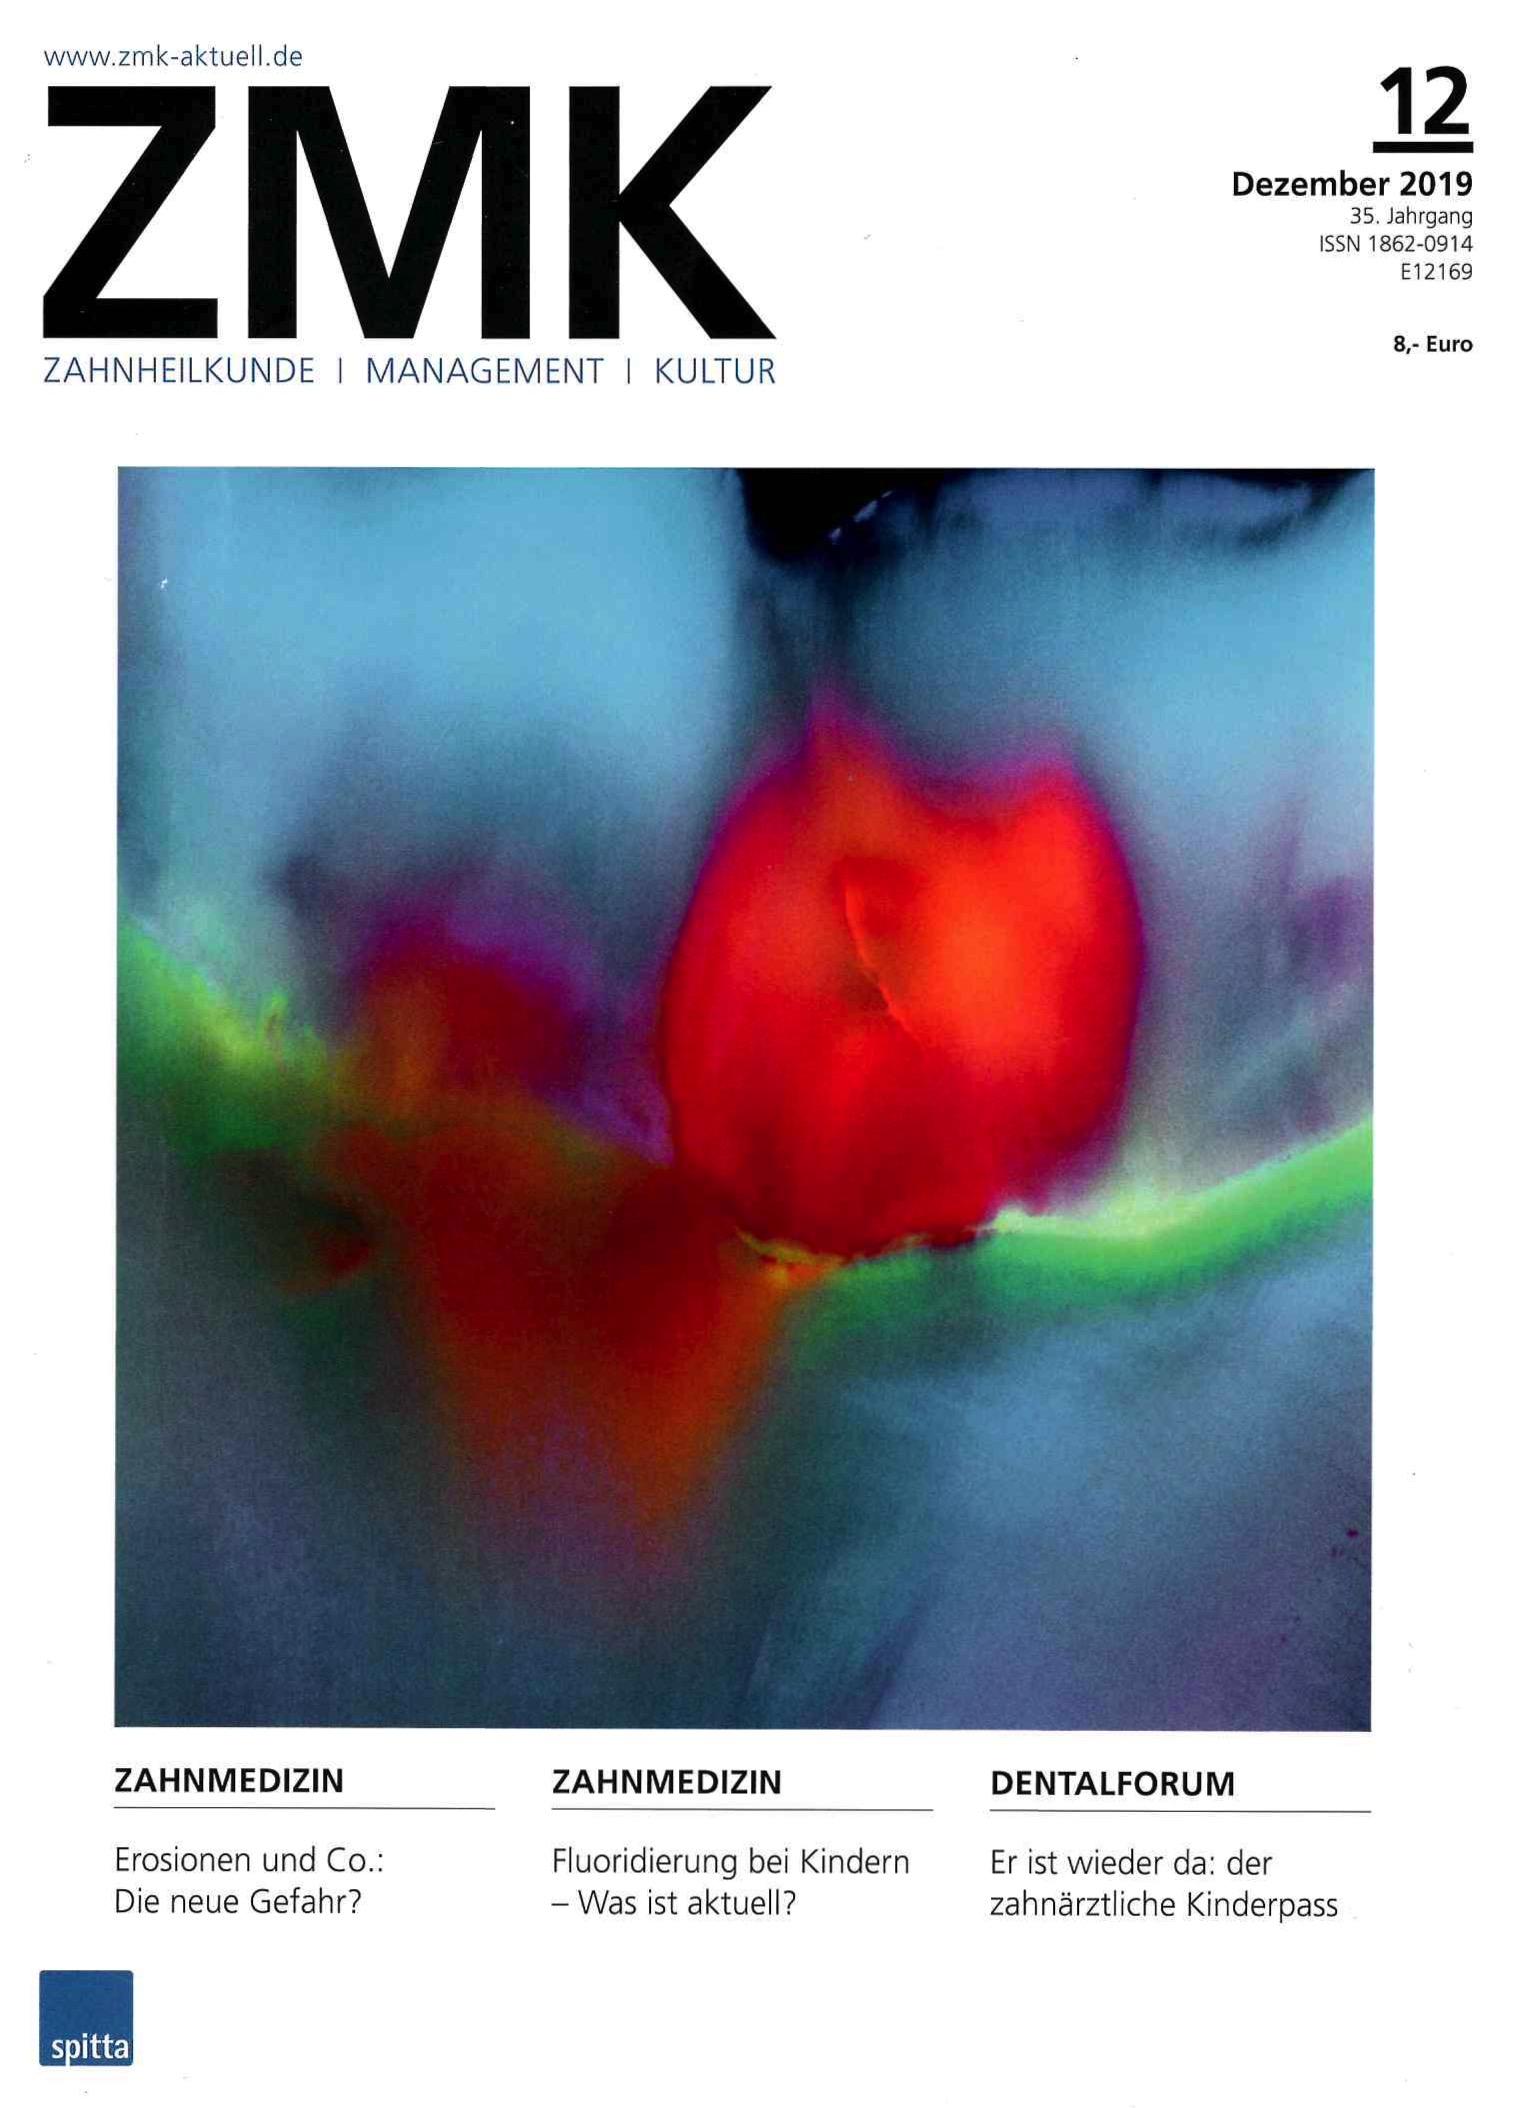 ZMK - Zahnheilkunde - Management - Kultur - Ausgabe 12/2019